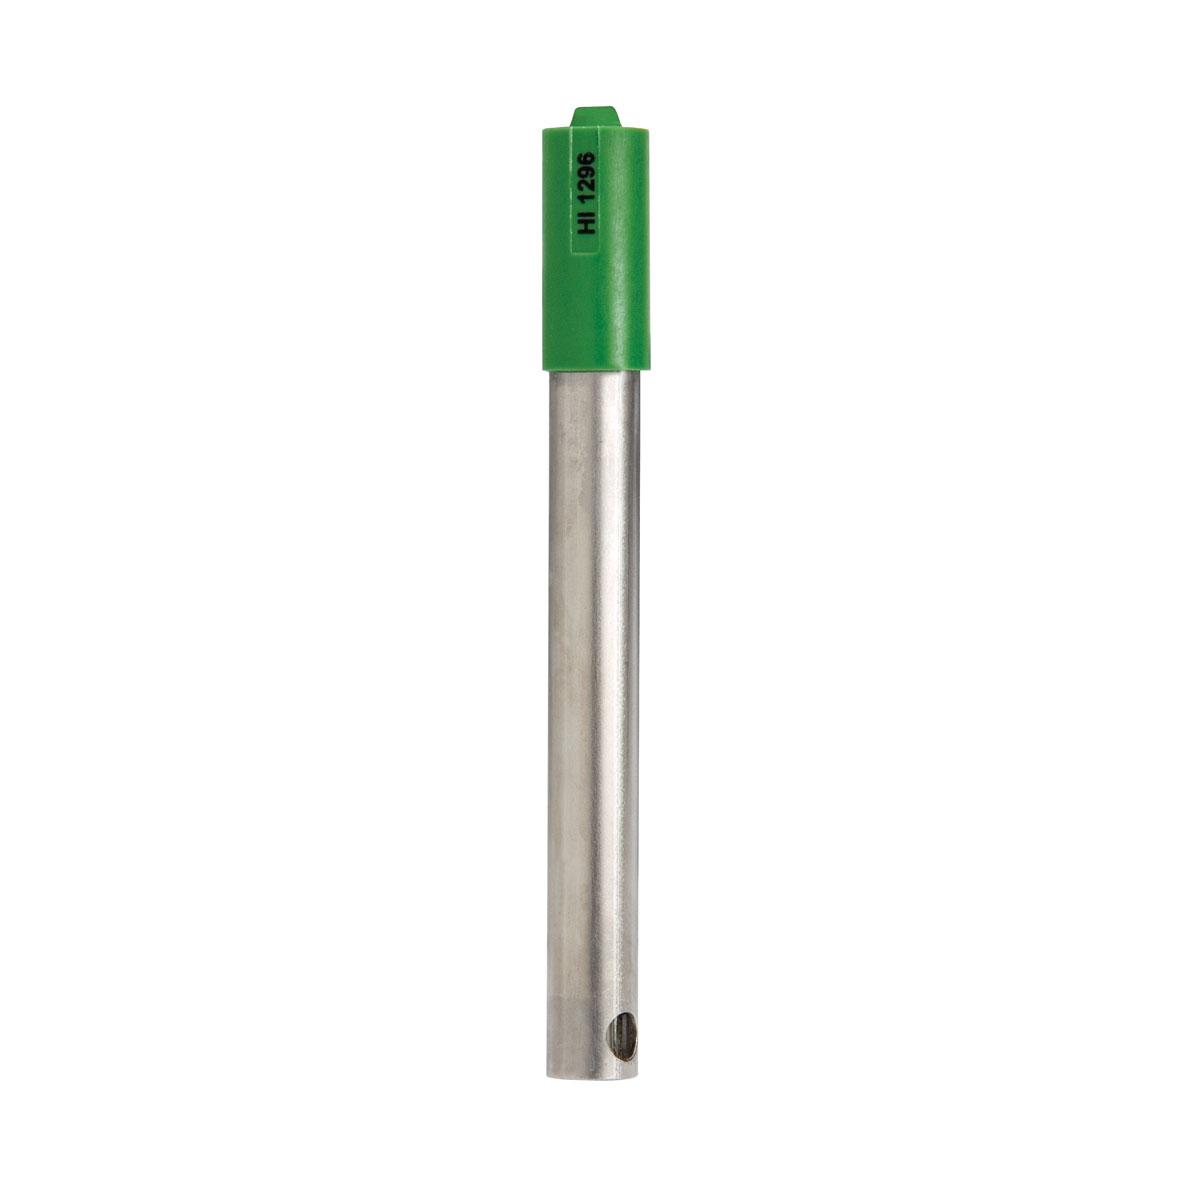 Electrodo de pH con Cuerpo de Titanio y Conector DIN para Agua Residual - HI1296D